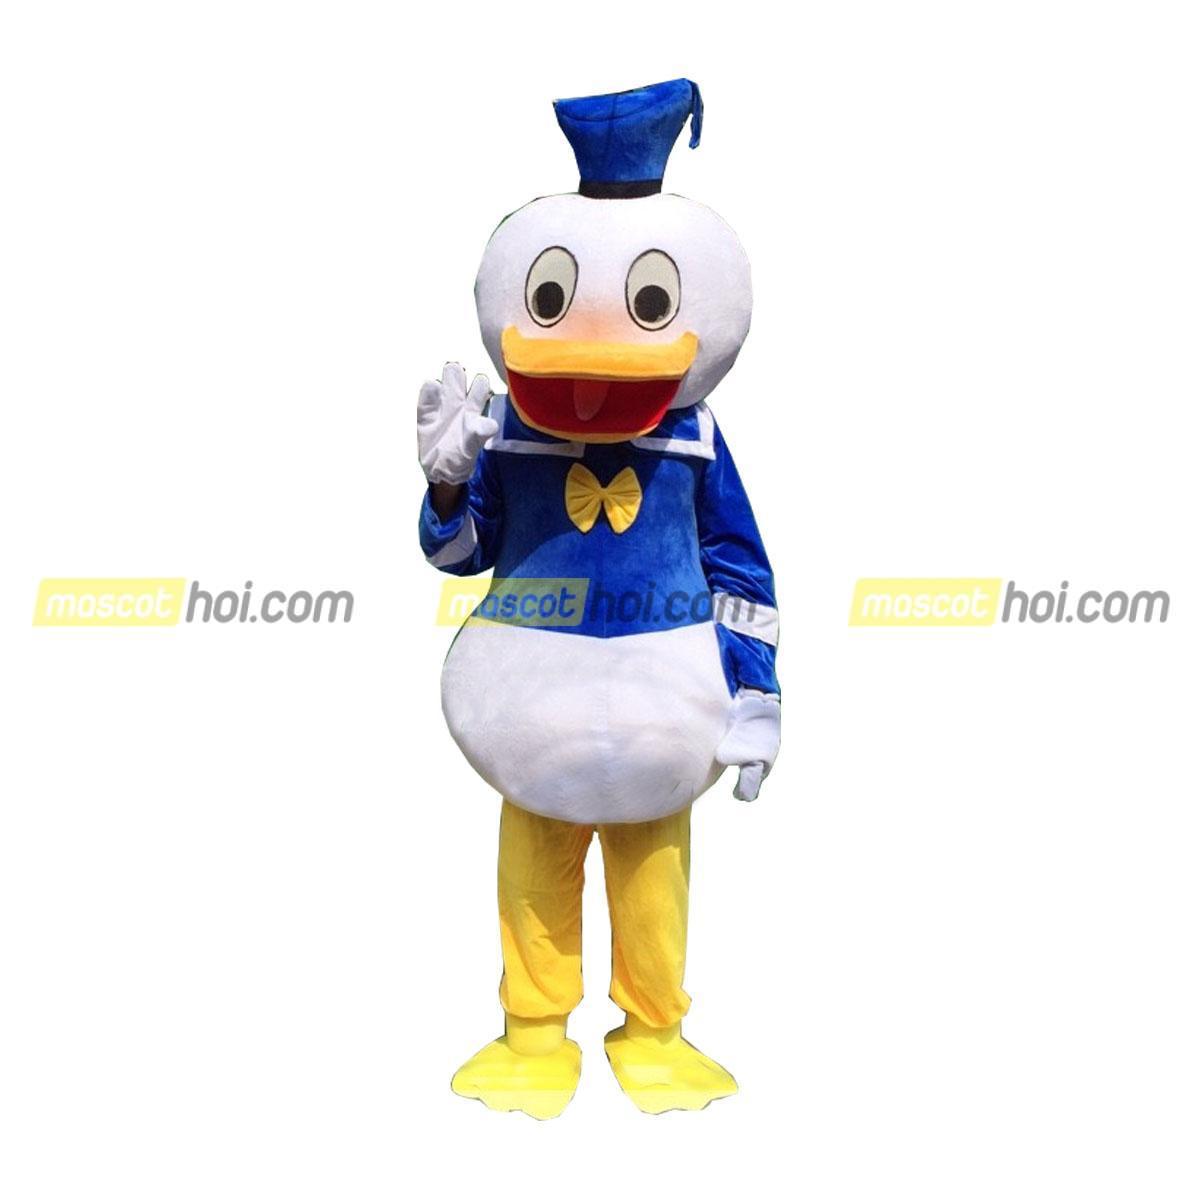 Chú mascot vịt donald đẹp và dễ thương nhất.